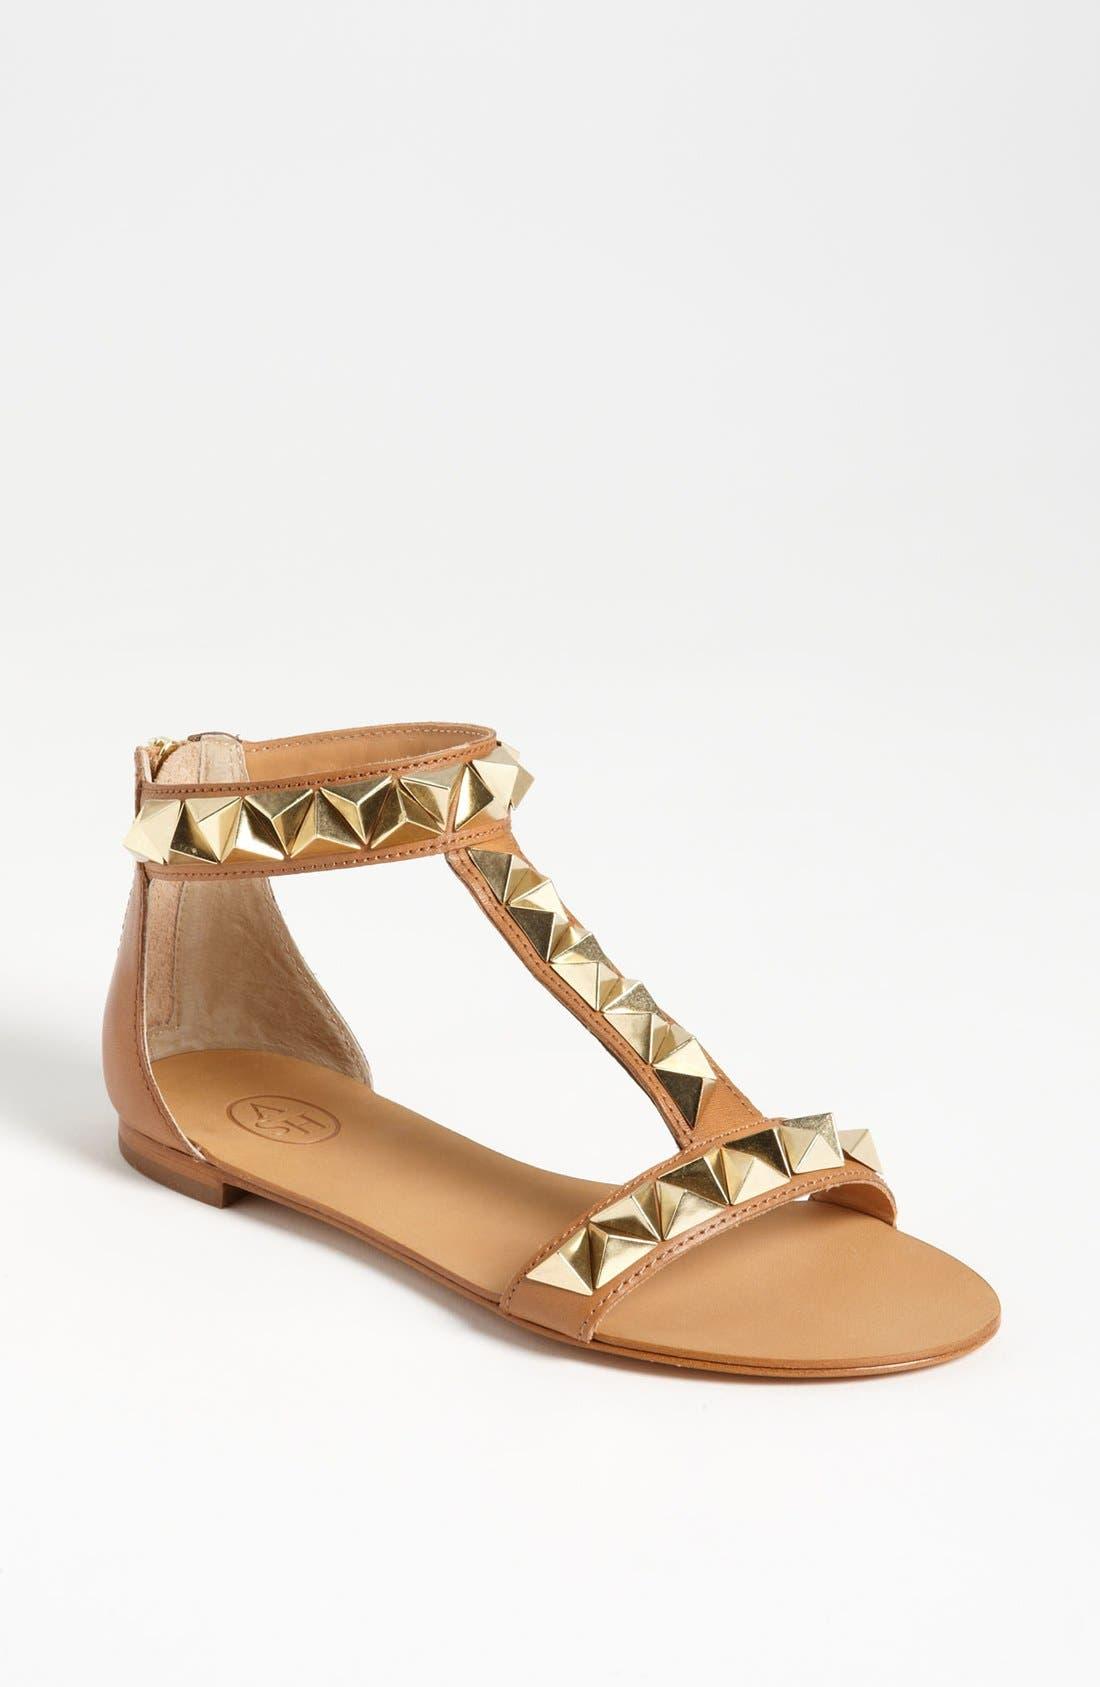 Main Image - Ash 'Mosaic' Sandal